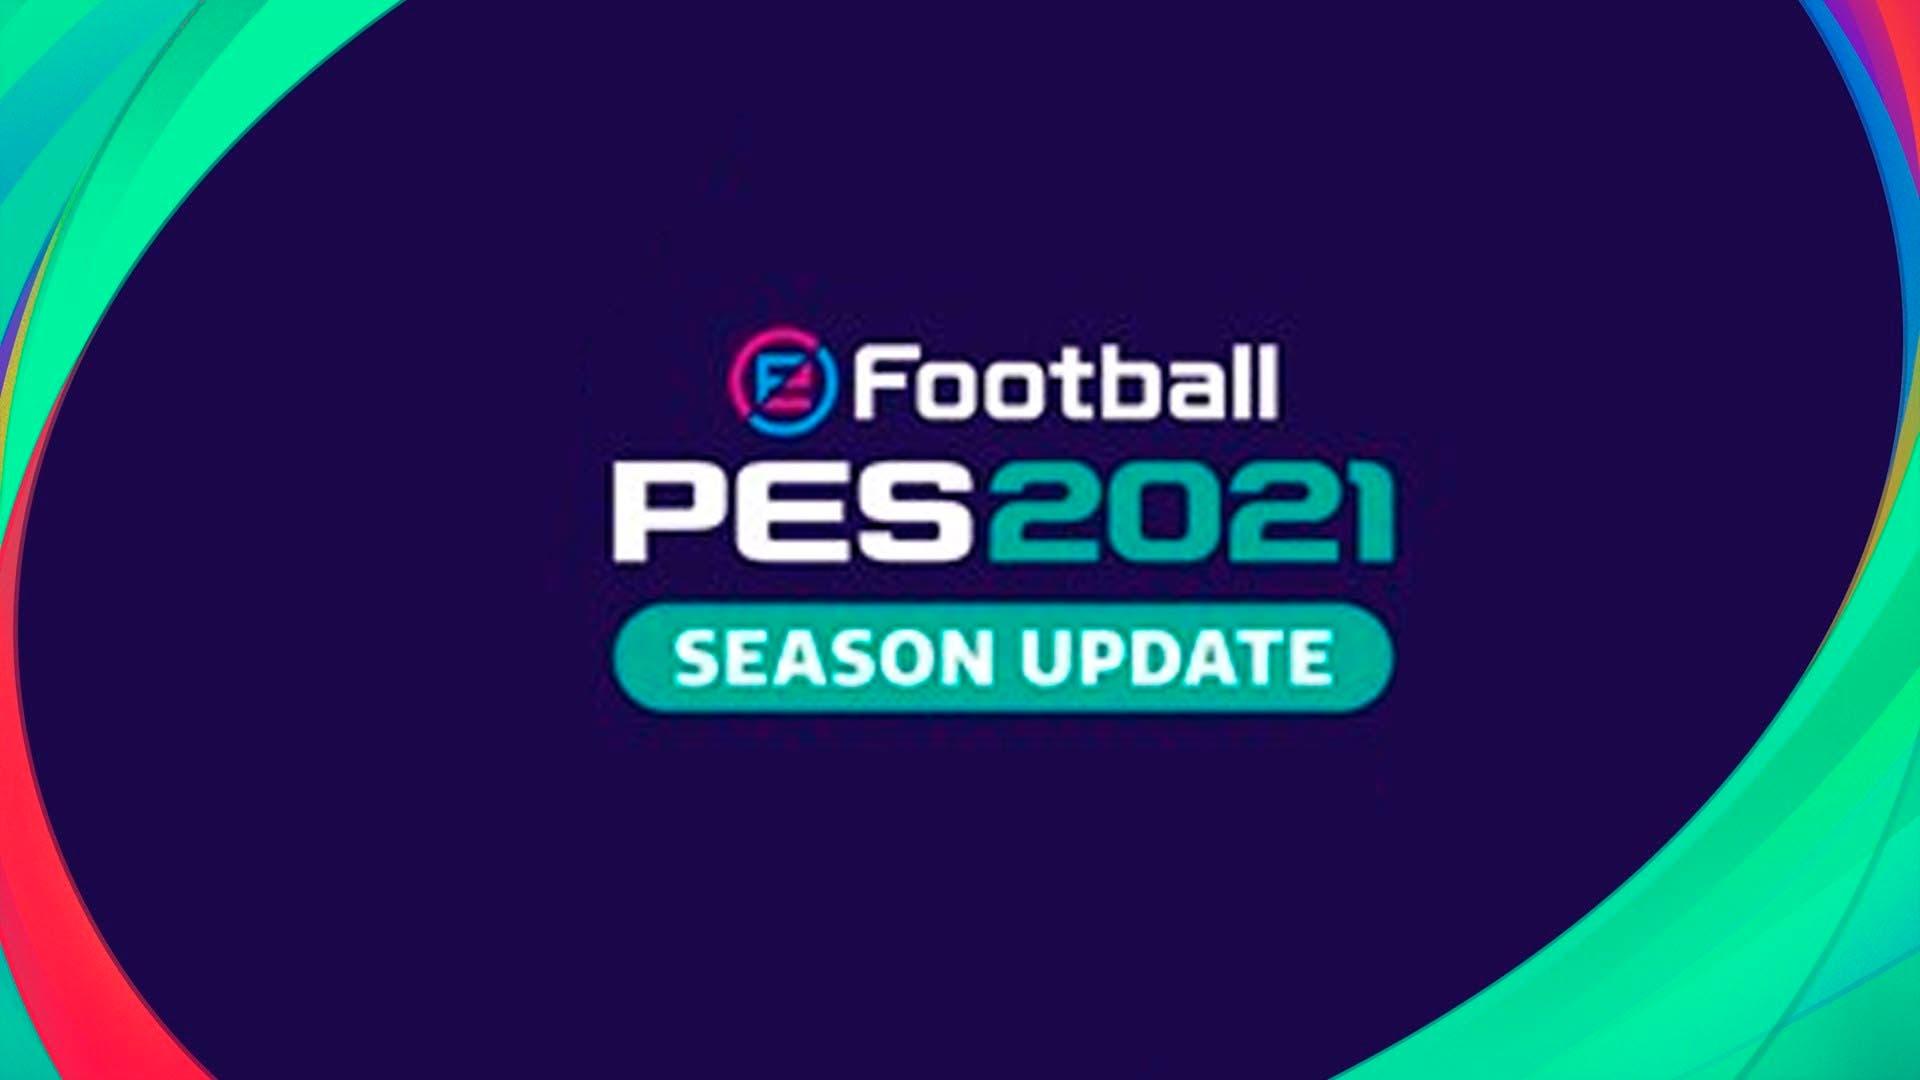 La Microsoft Store filtra la actualización para eFootball PES 2021 3